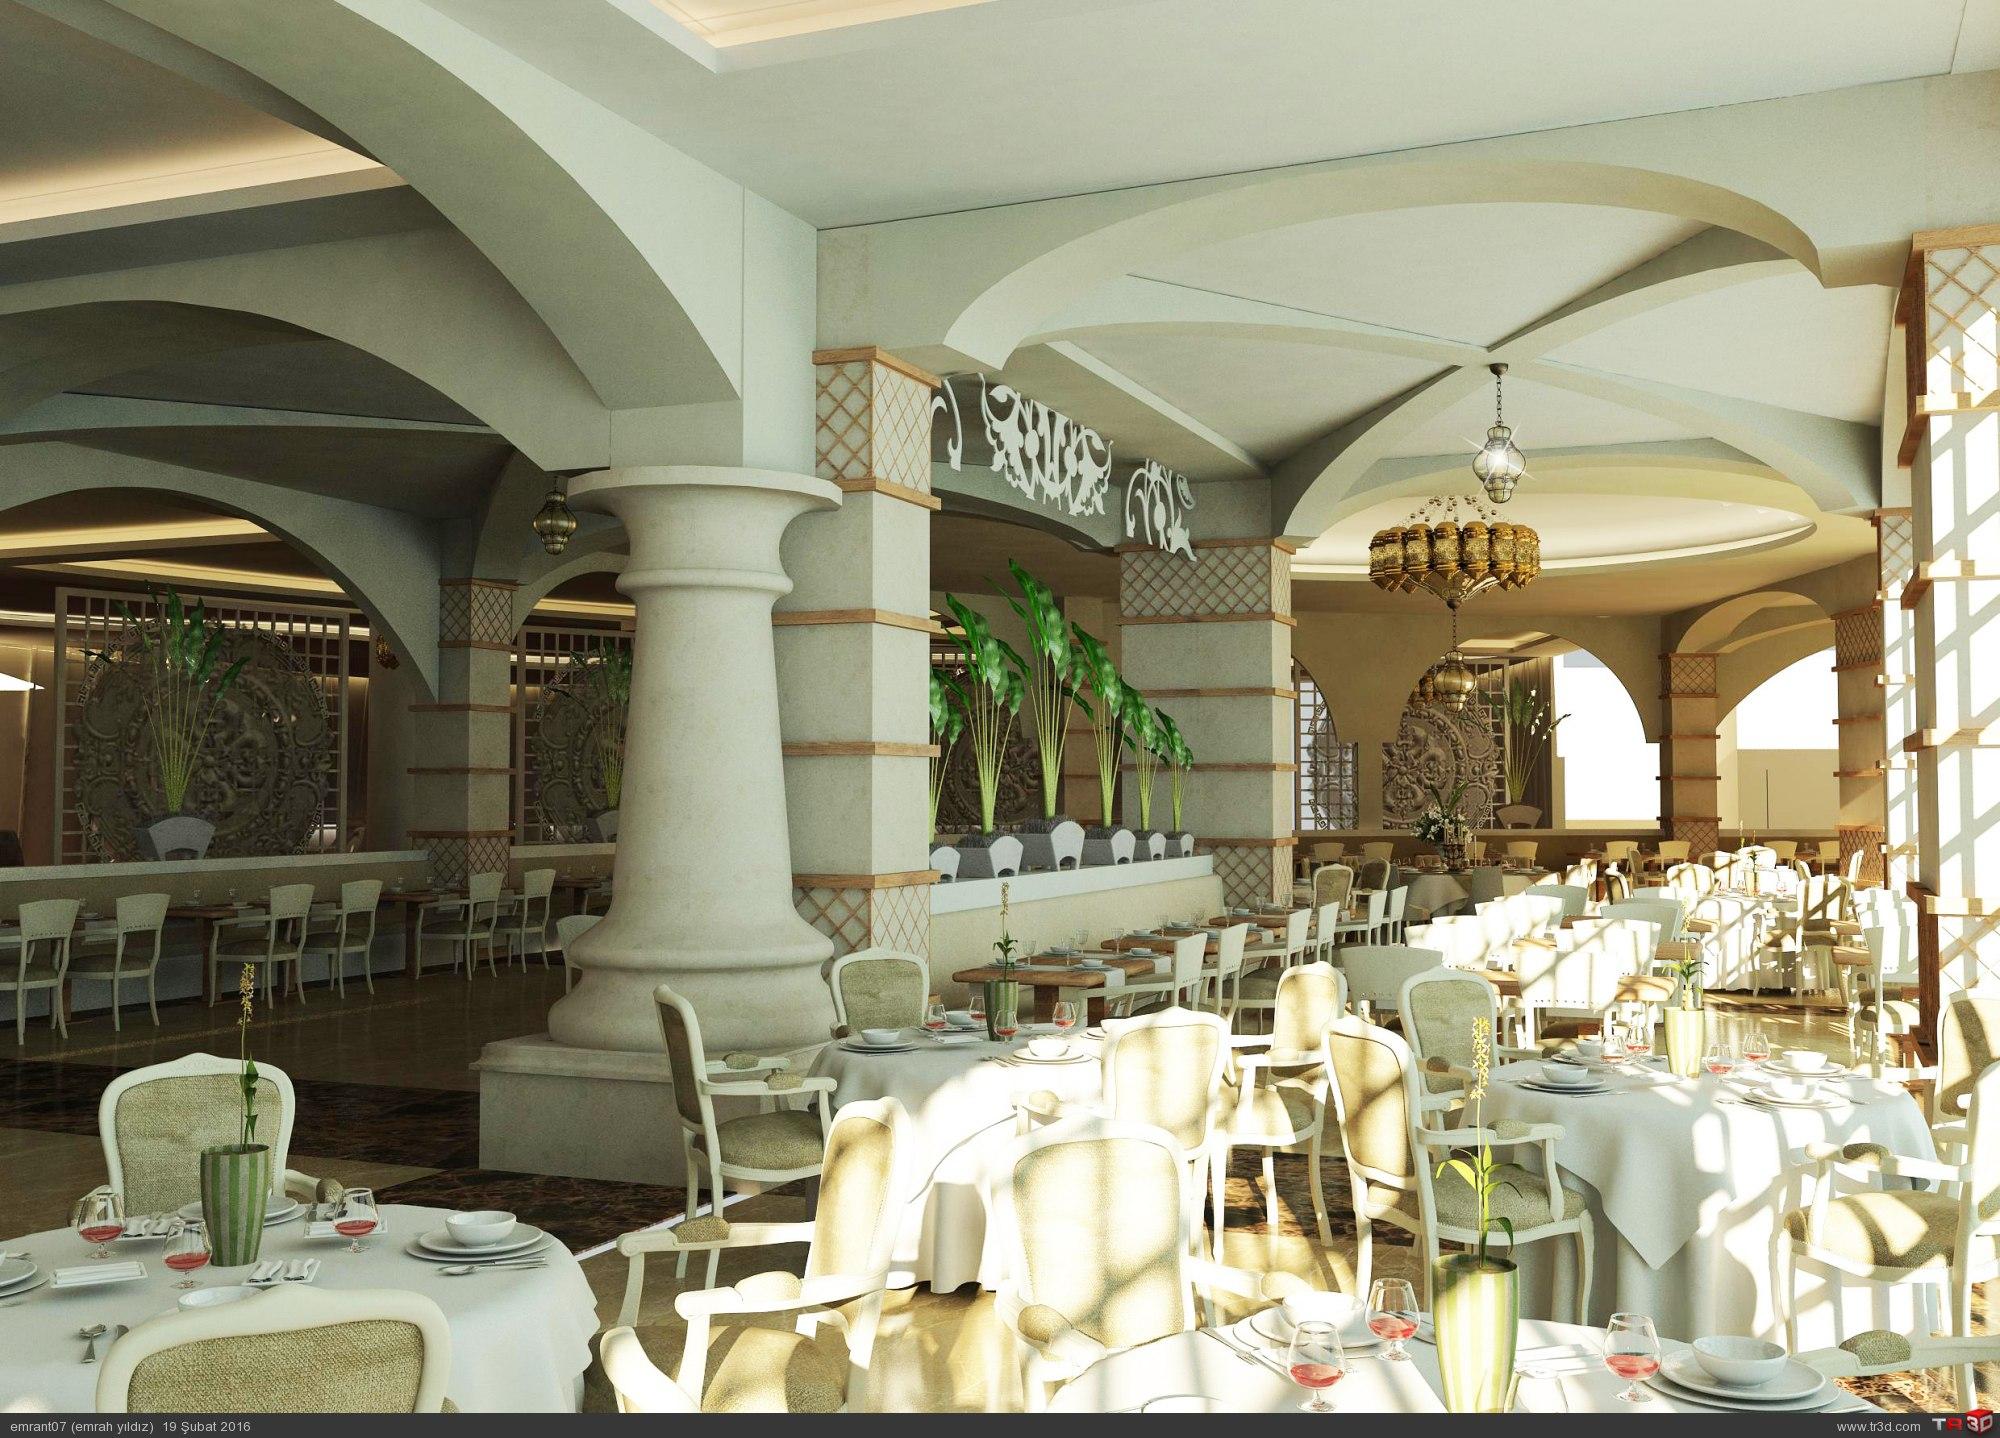 Alanya otel restaurant